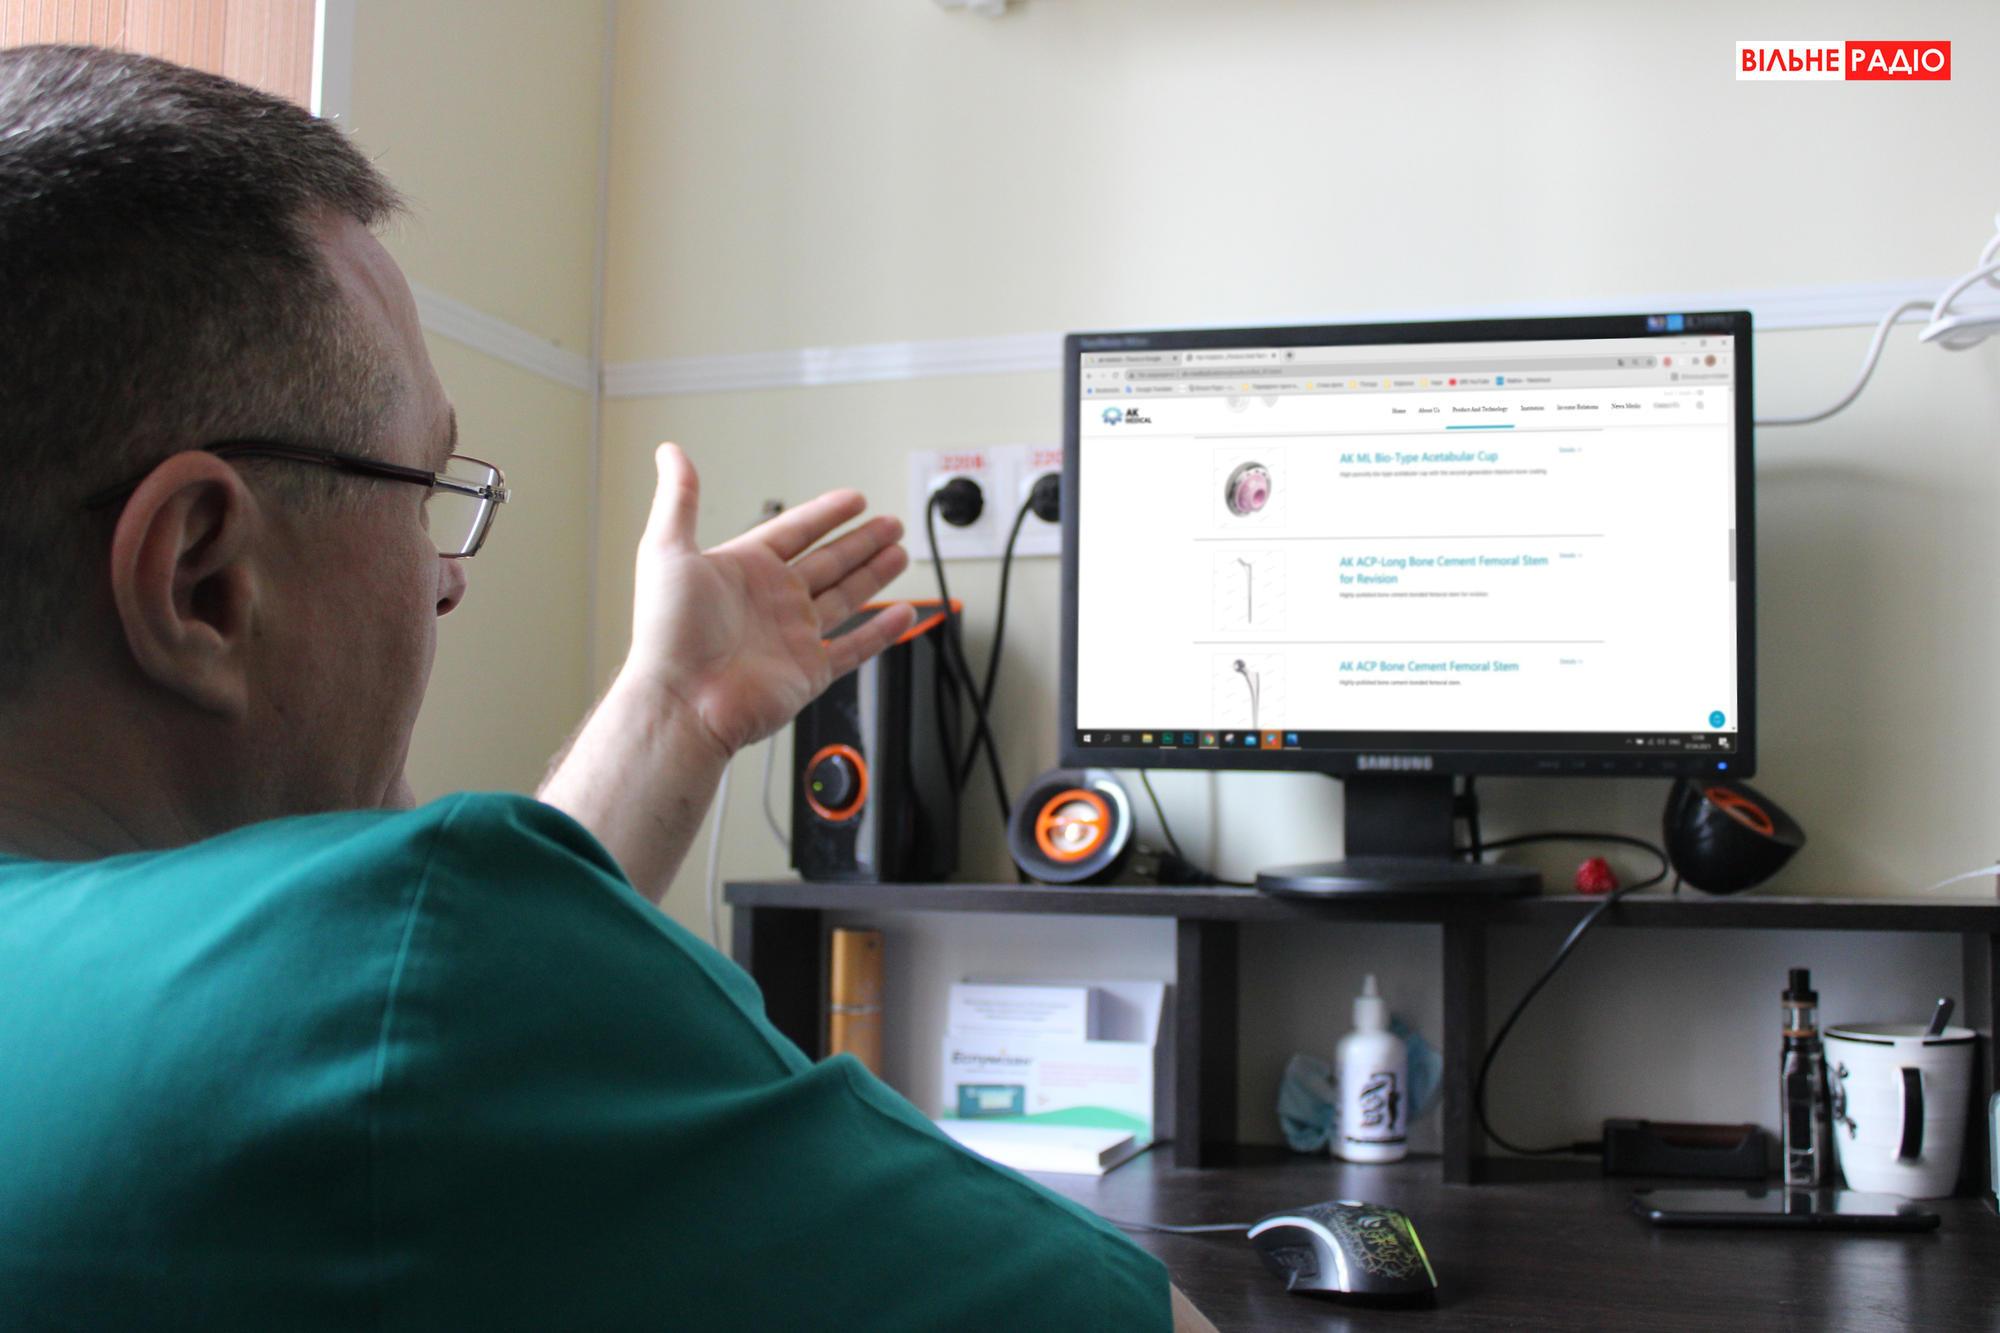 Завідувач травматологічного відділення Багатопрофільної лікарні інтенсивного лікування м. Бахмут показує види ендопротезів